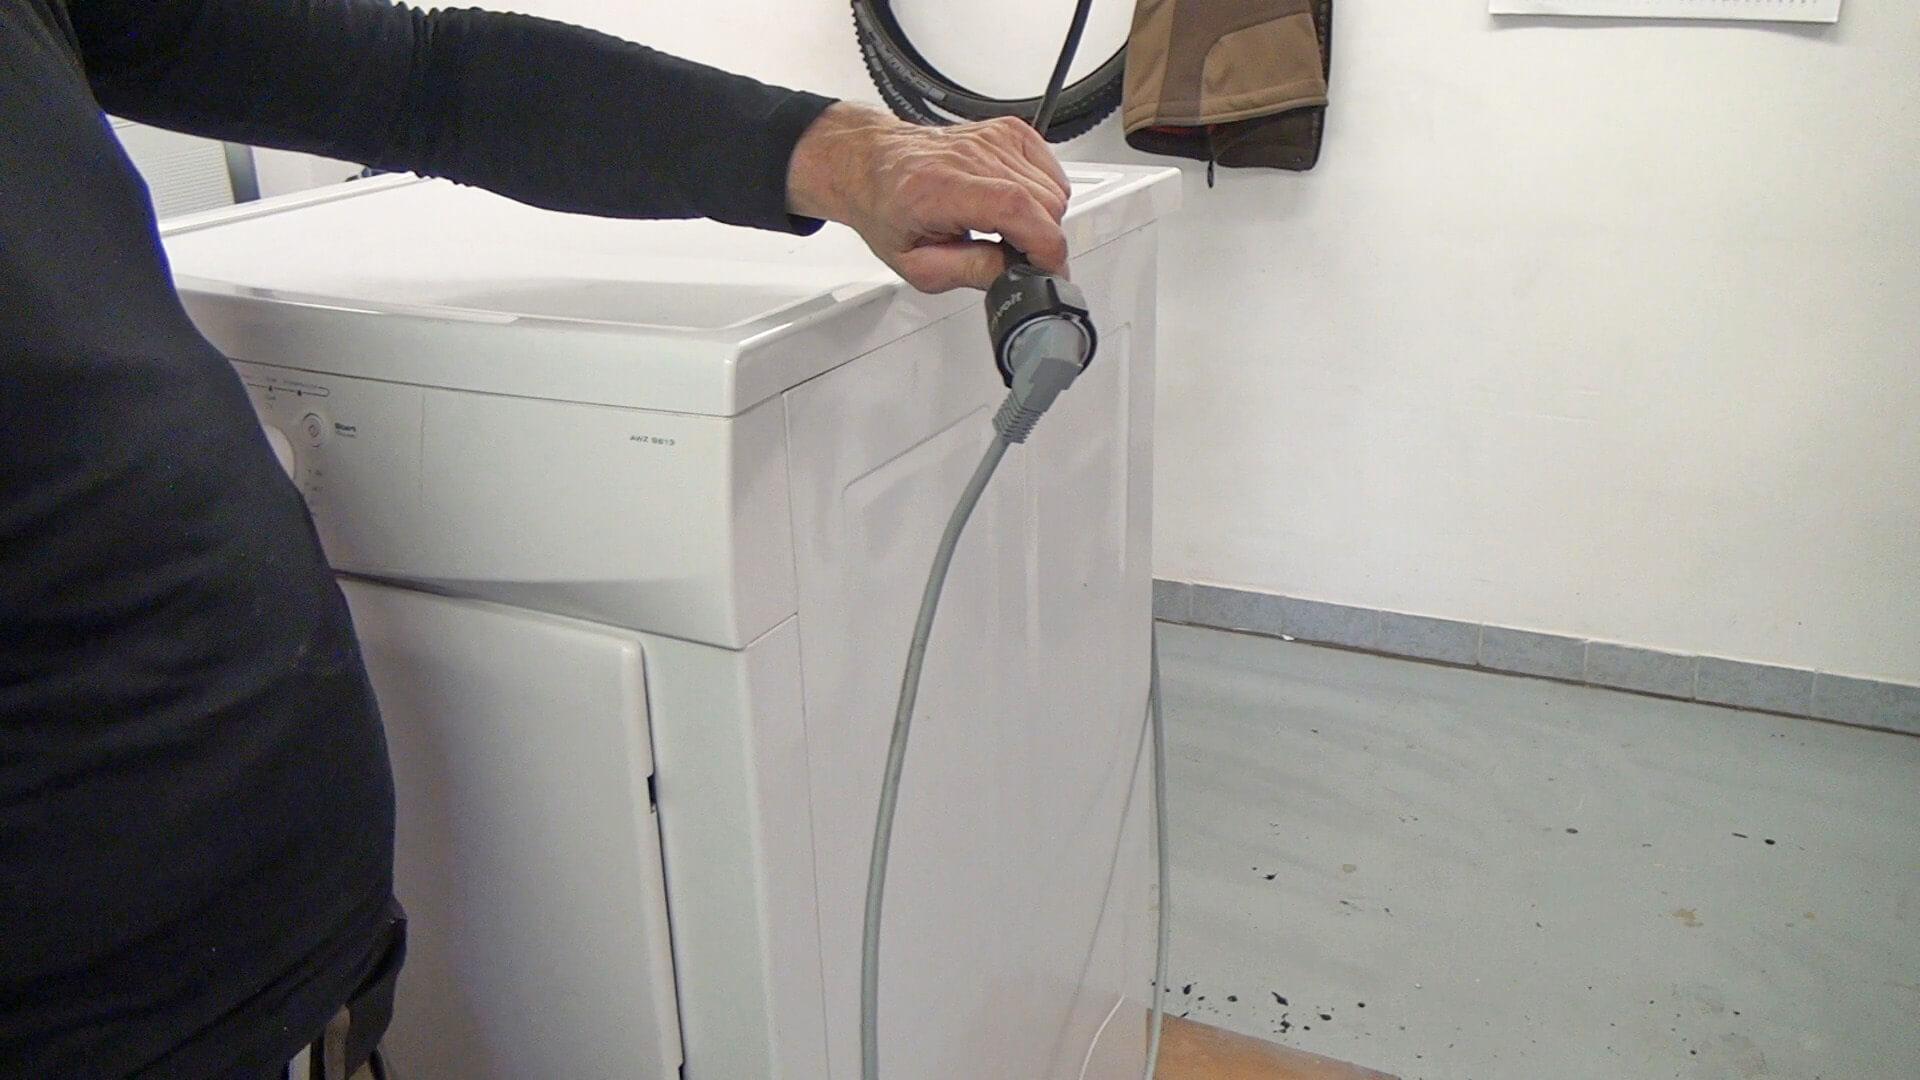 Reparaturanleitung: whirlpool trockner thermostate der heizung